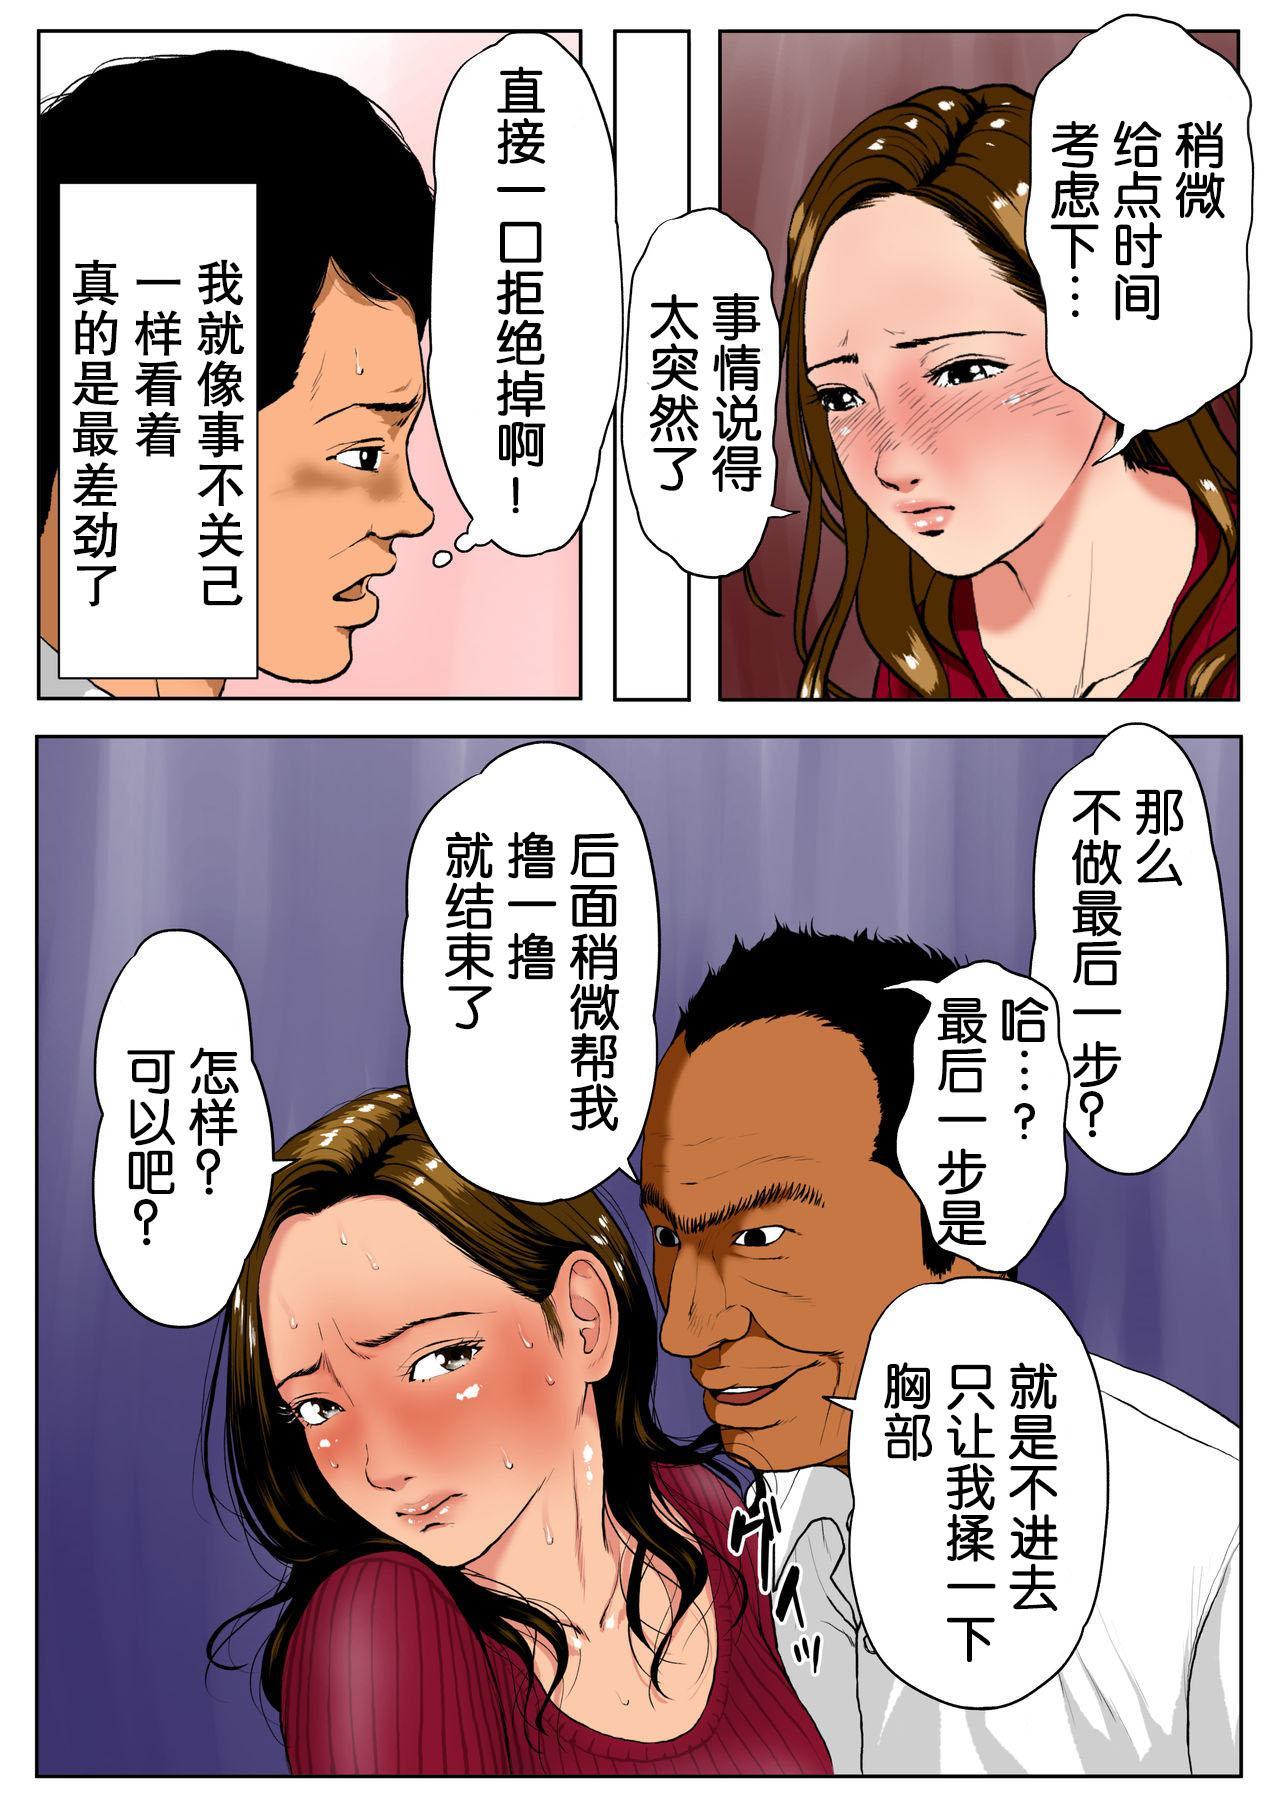 [W no Honnou] Shin, Boku no Tsuma to Kyokon no Moto AV Danyuu Buchou[Chinese]【不可视汉化】 19